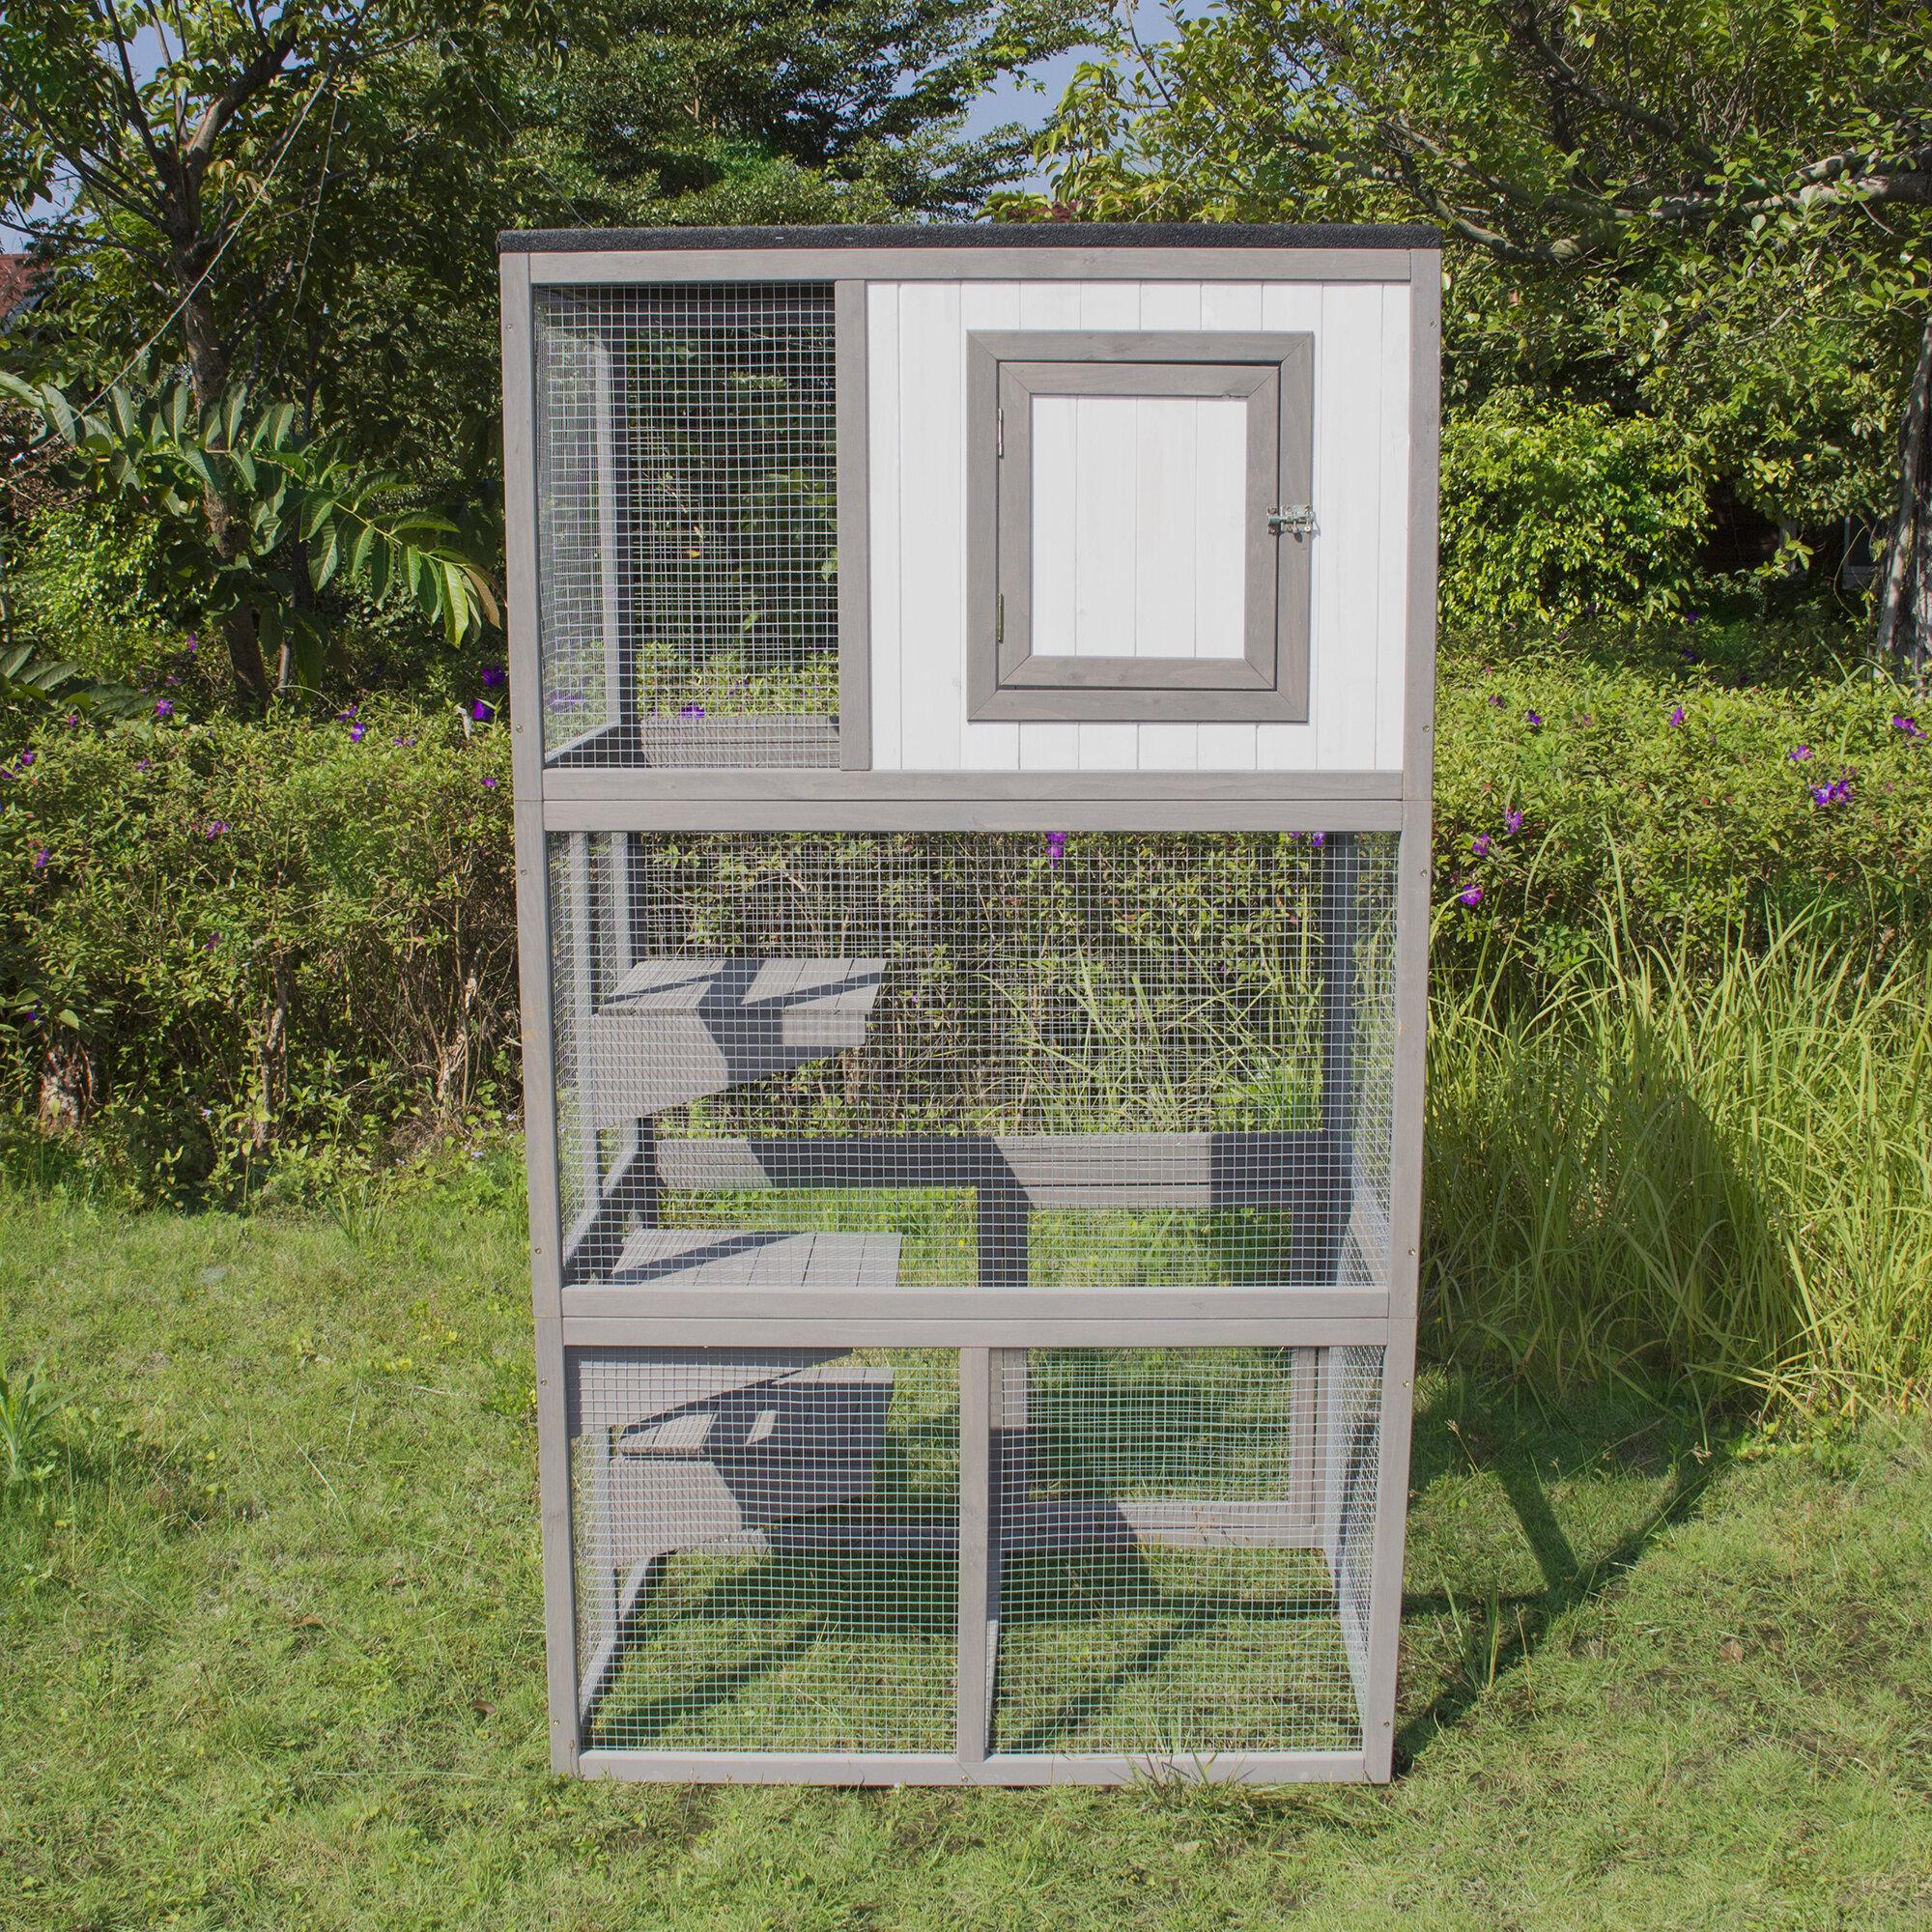 Cosper Outdoor Cat Cage